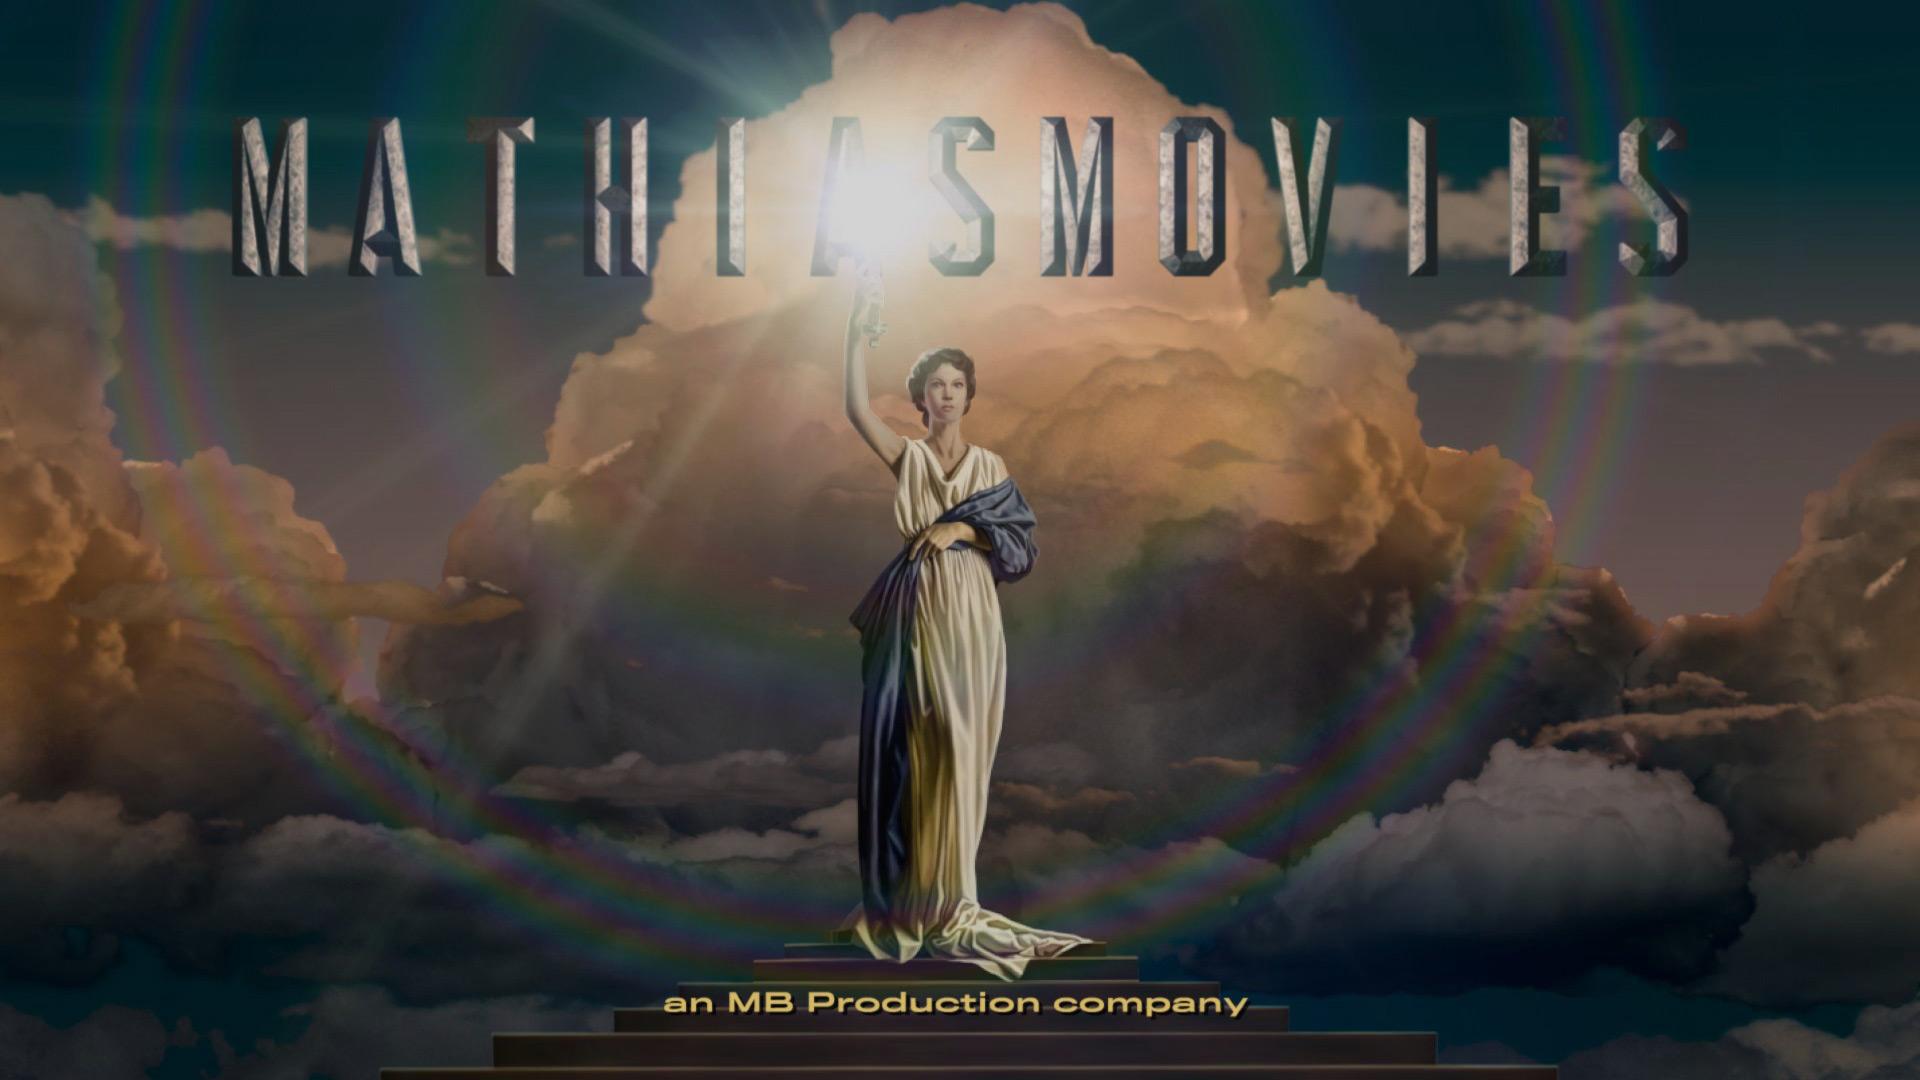 Mathias Movies